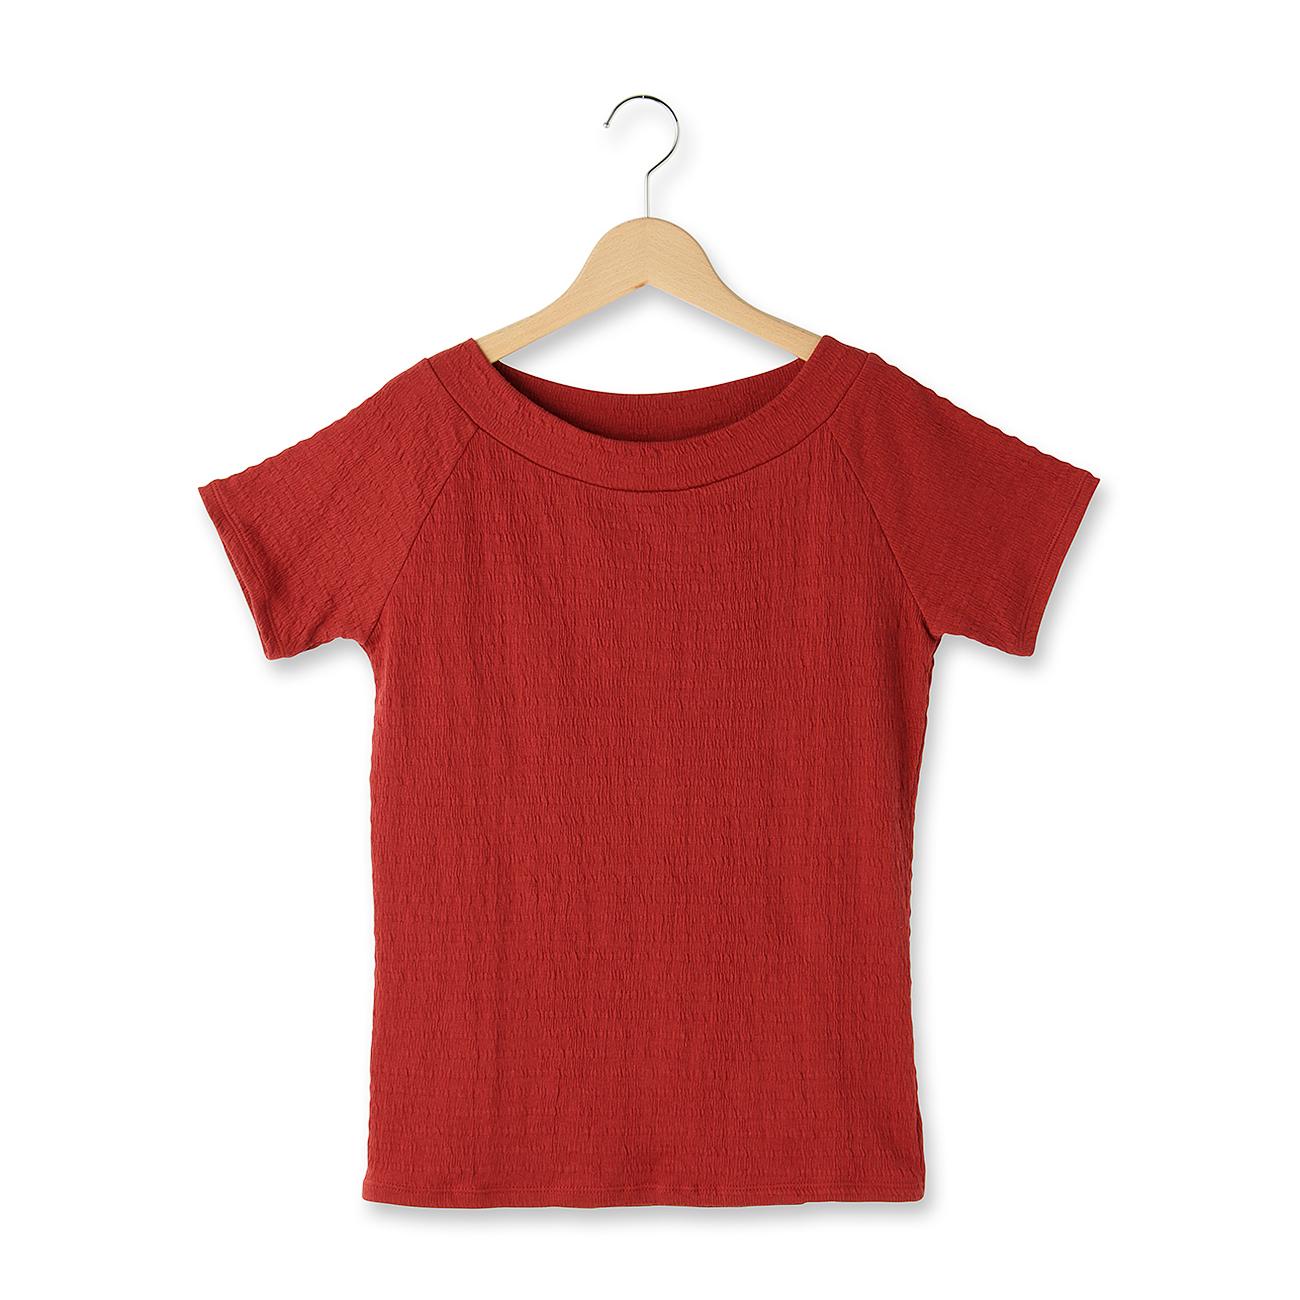 【OZOC (オゾック)】織り柄ボートネックカットソーレディース トップス|カットソー・Tシャツ ダークオレンジ